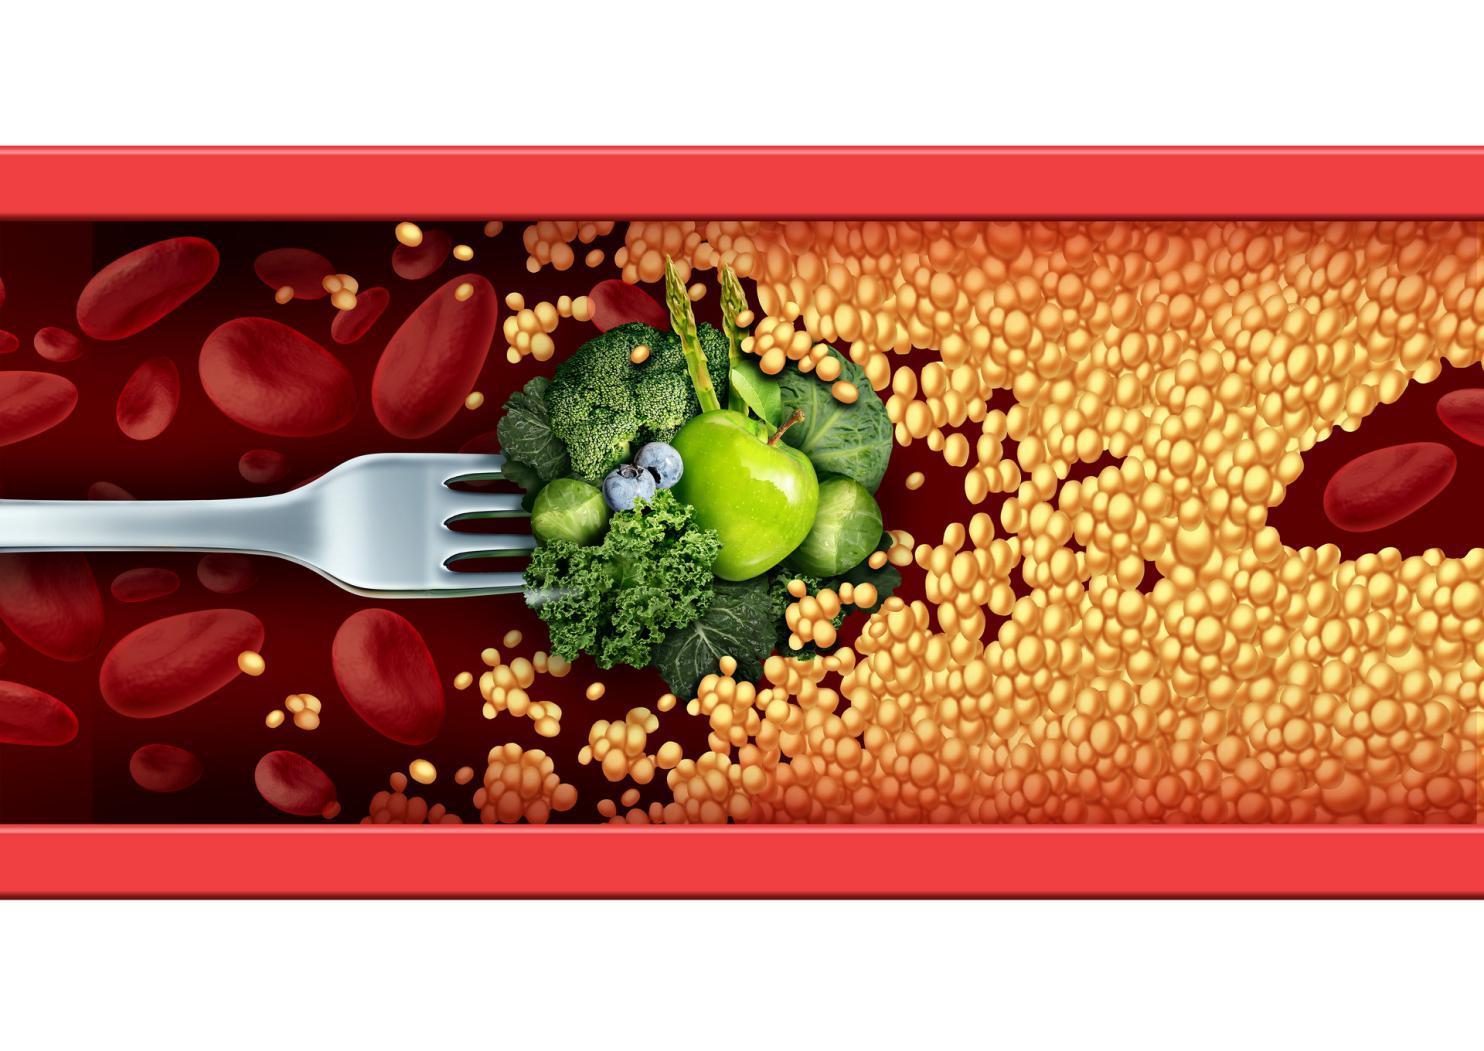 摄图网_300849620_banner_食品医学的自然的治疗补救叉子与绿色蔬菜水果突破阻塞的动脉与胆固醇医疗营养象征,以健康的饮食方式(非企业商用)